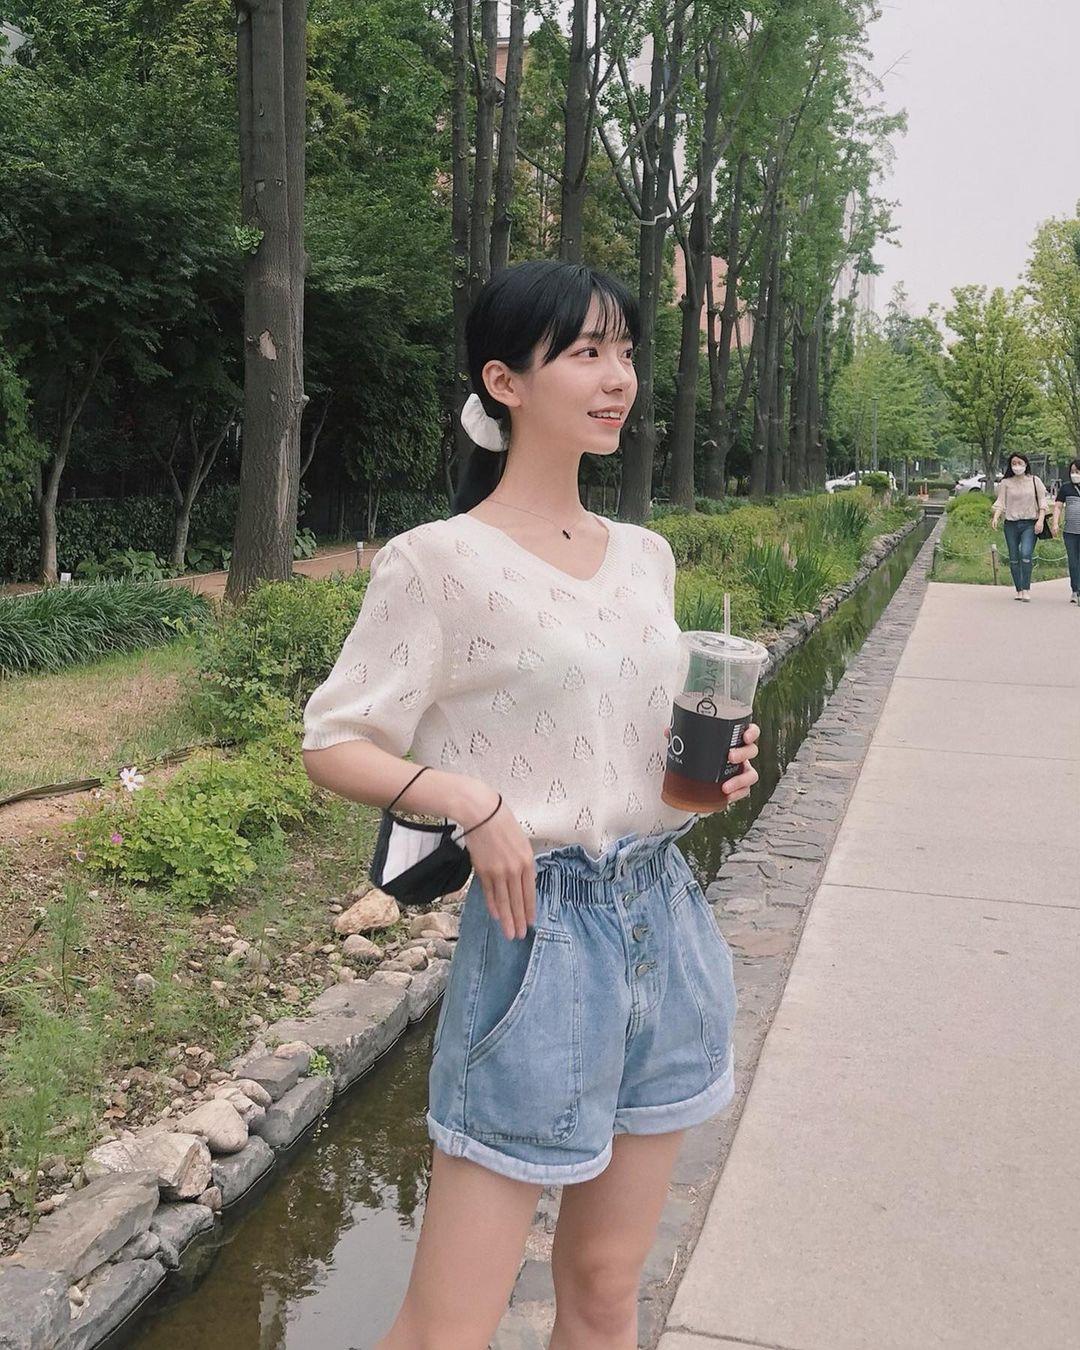 韩国妹子leeesovely美图分享鉴赏 7N5.NET